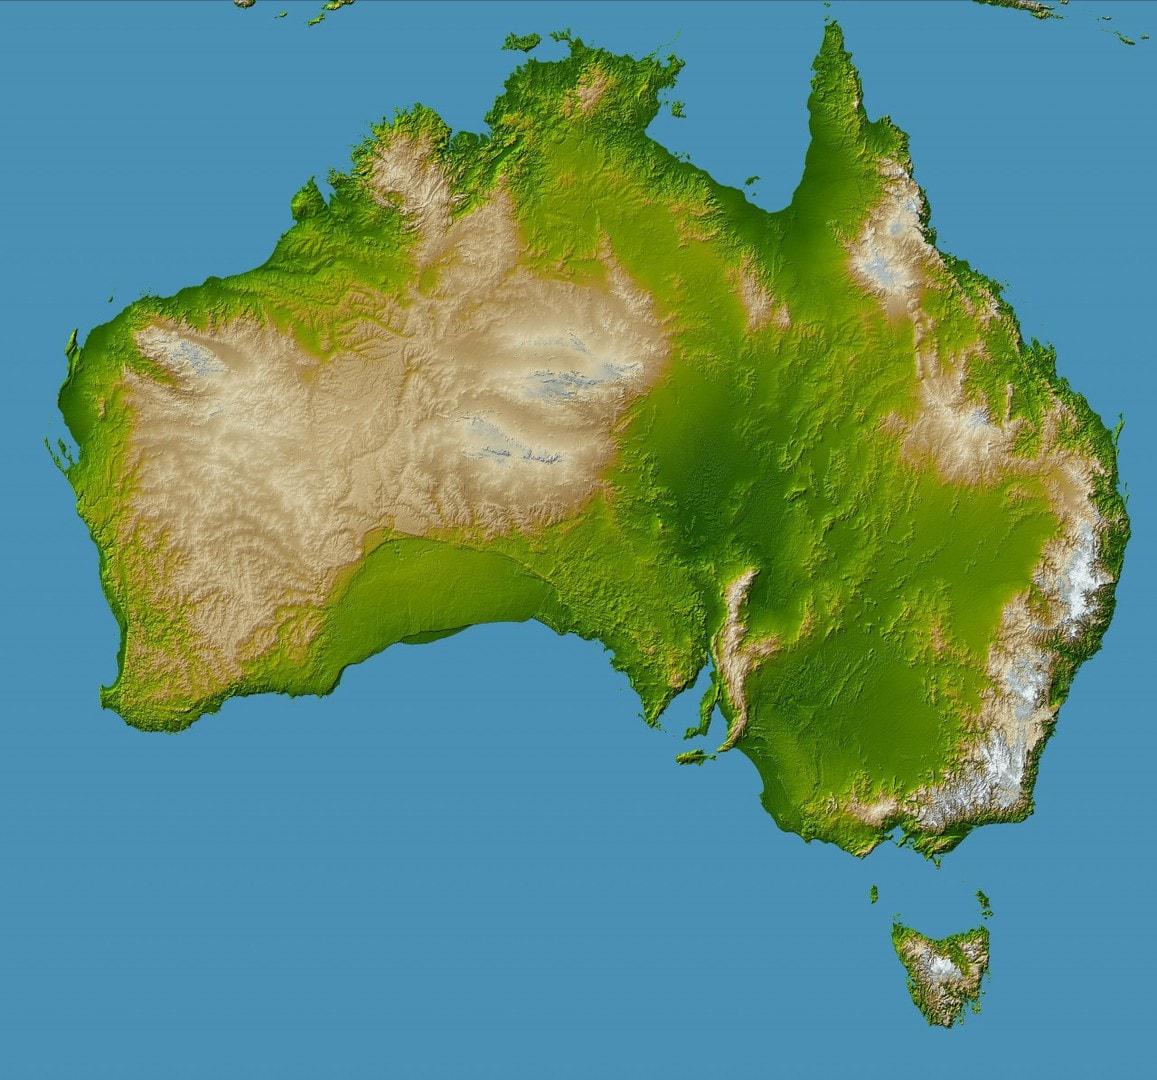 Mapa topograficzna Australii